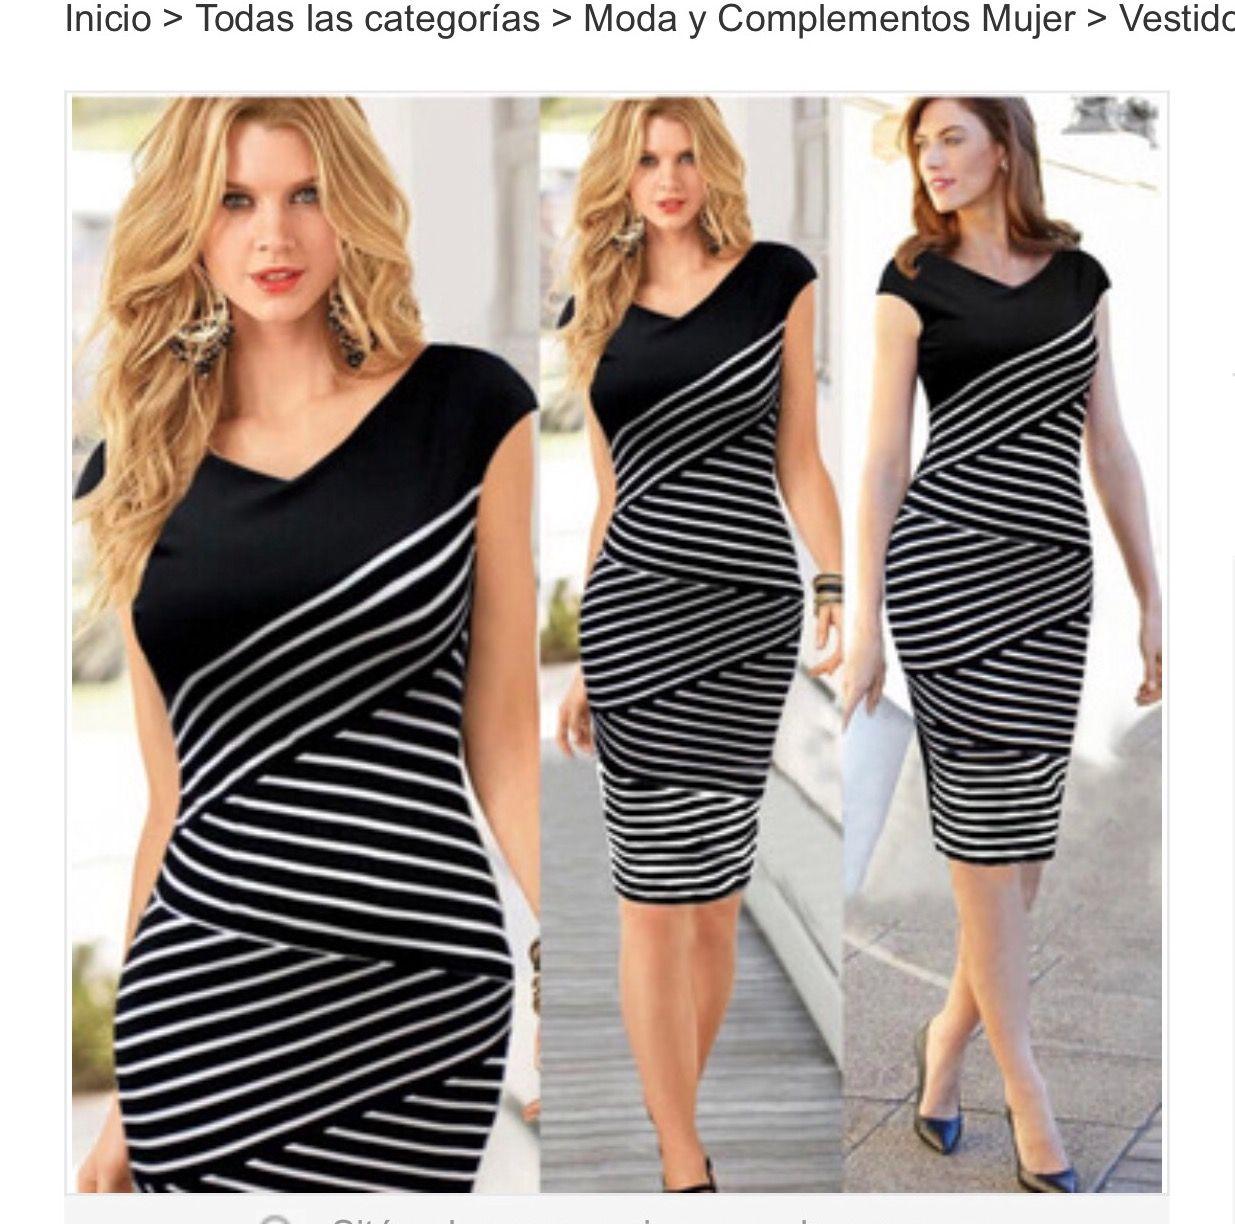 e9cc813b4 Encuentra Elegante Vestido Moda Coreana Negro Rayitas Blancas Talla S -  Vestidos en Mercado Libre Perú! Descubre la mejor forma de comprar online.